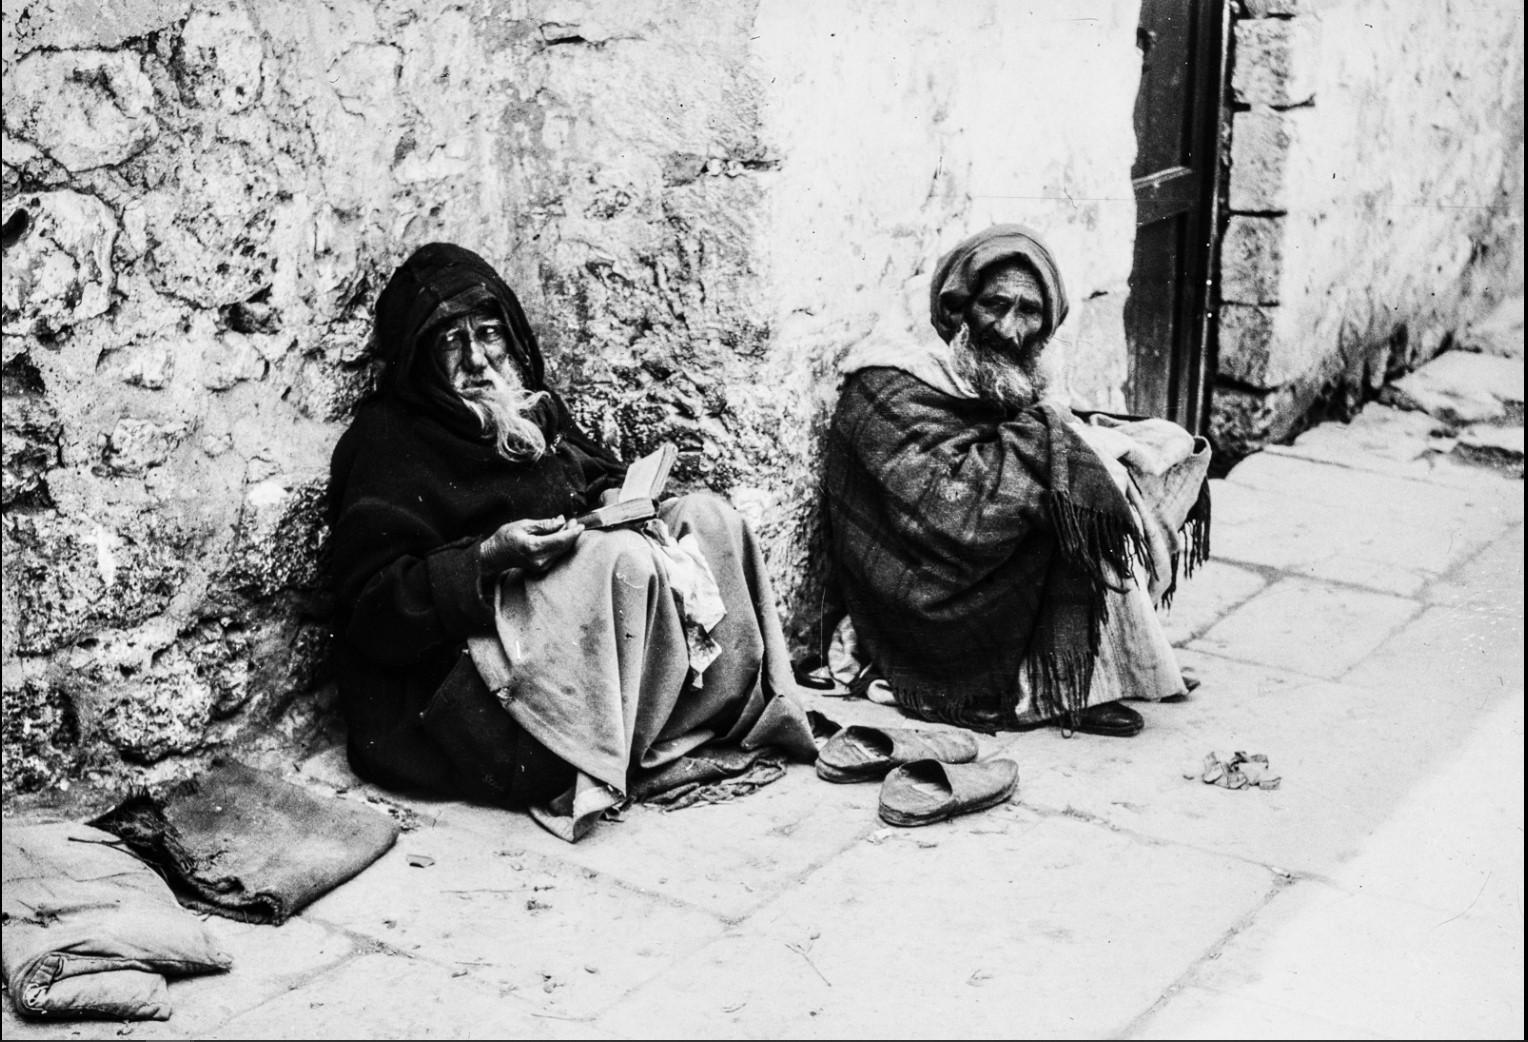 Иерусалим.  Двое мужчин сидят на улице